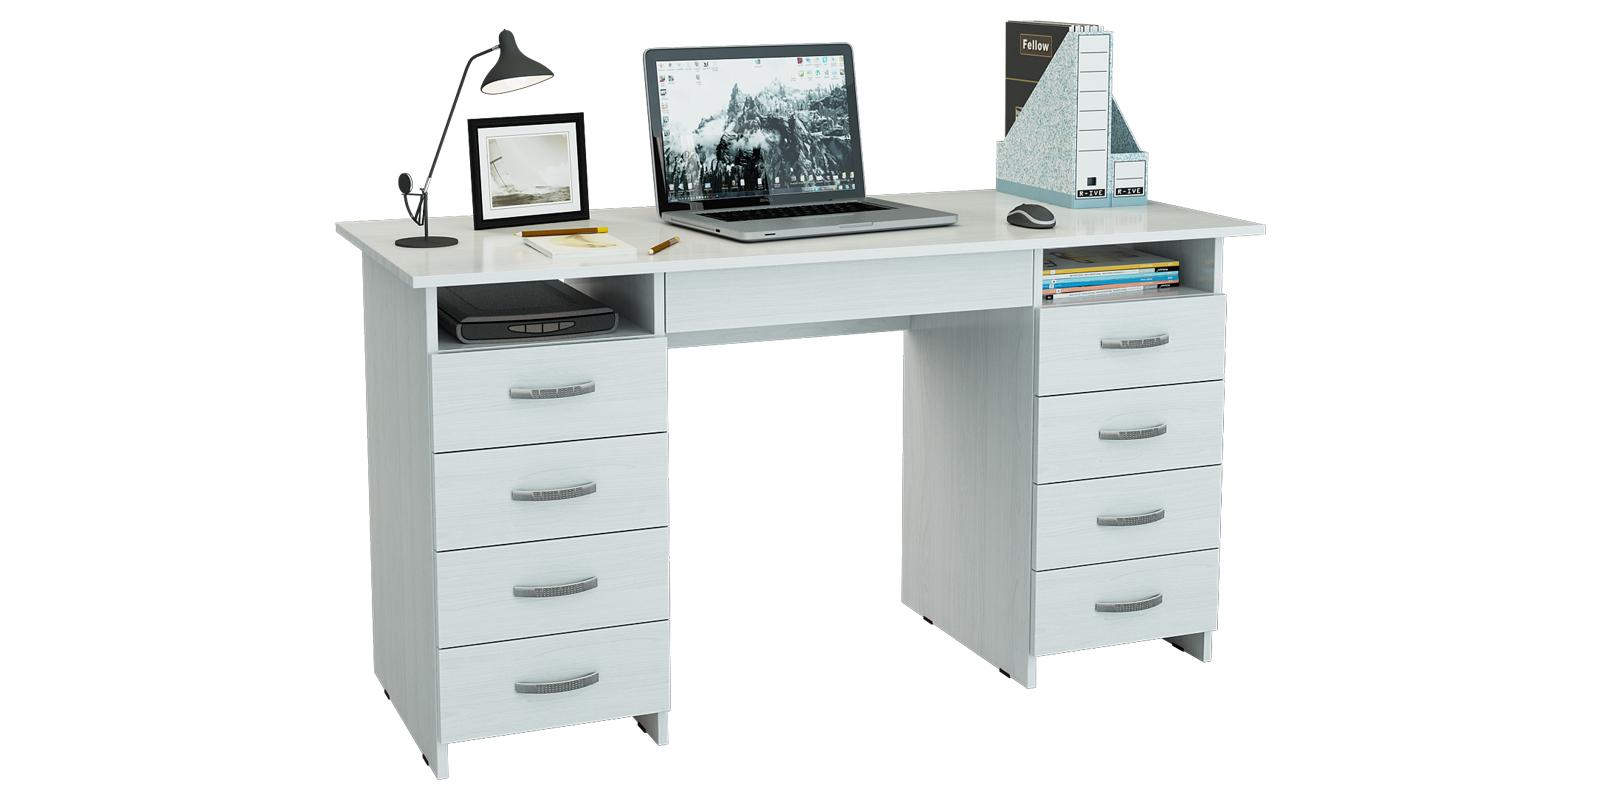 Письменный стол Харви вариант №6 (белый)